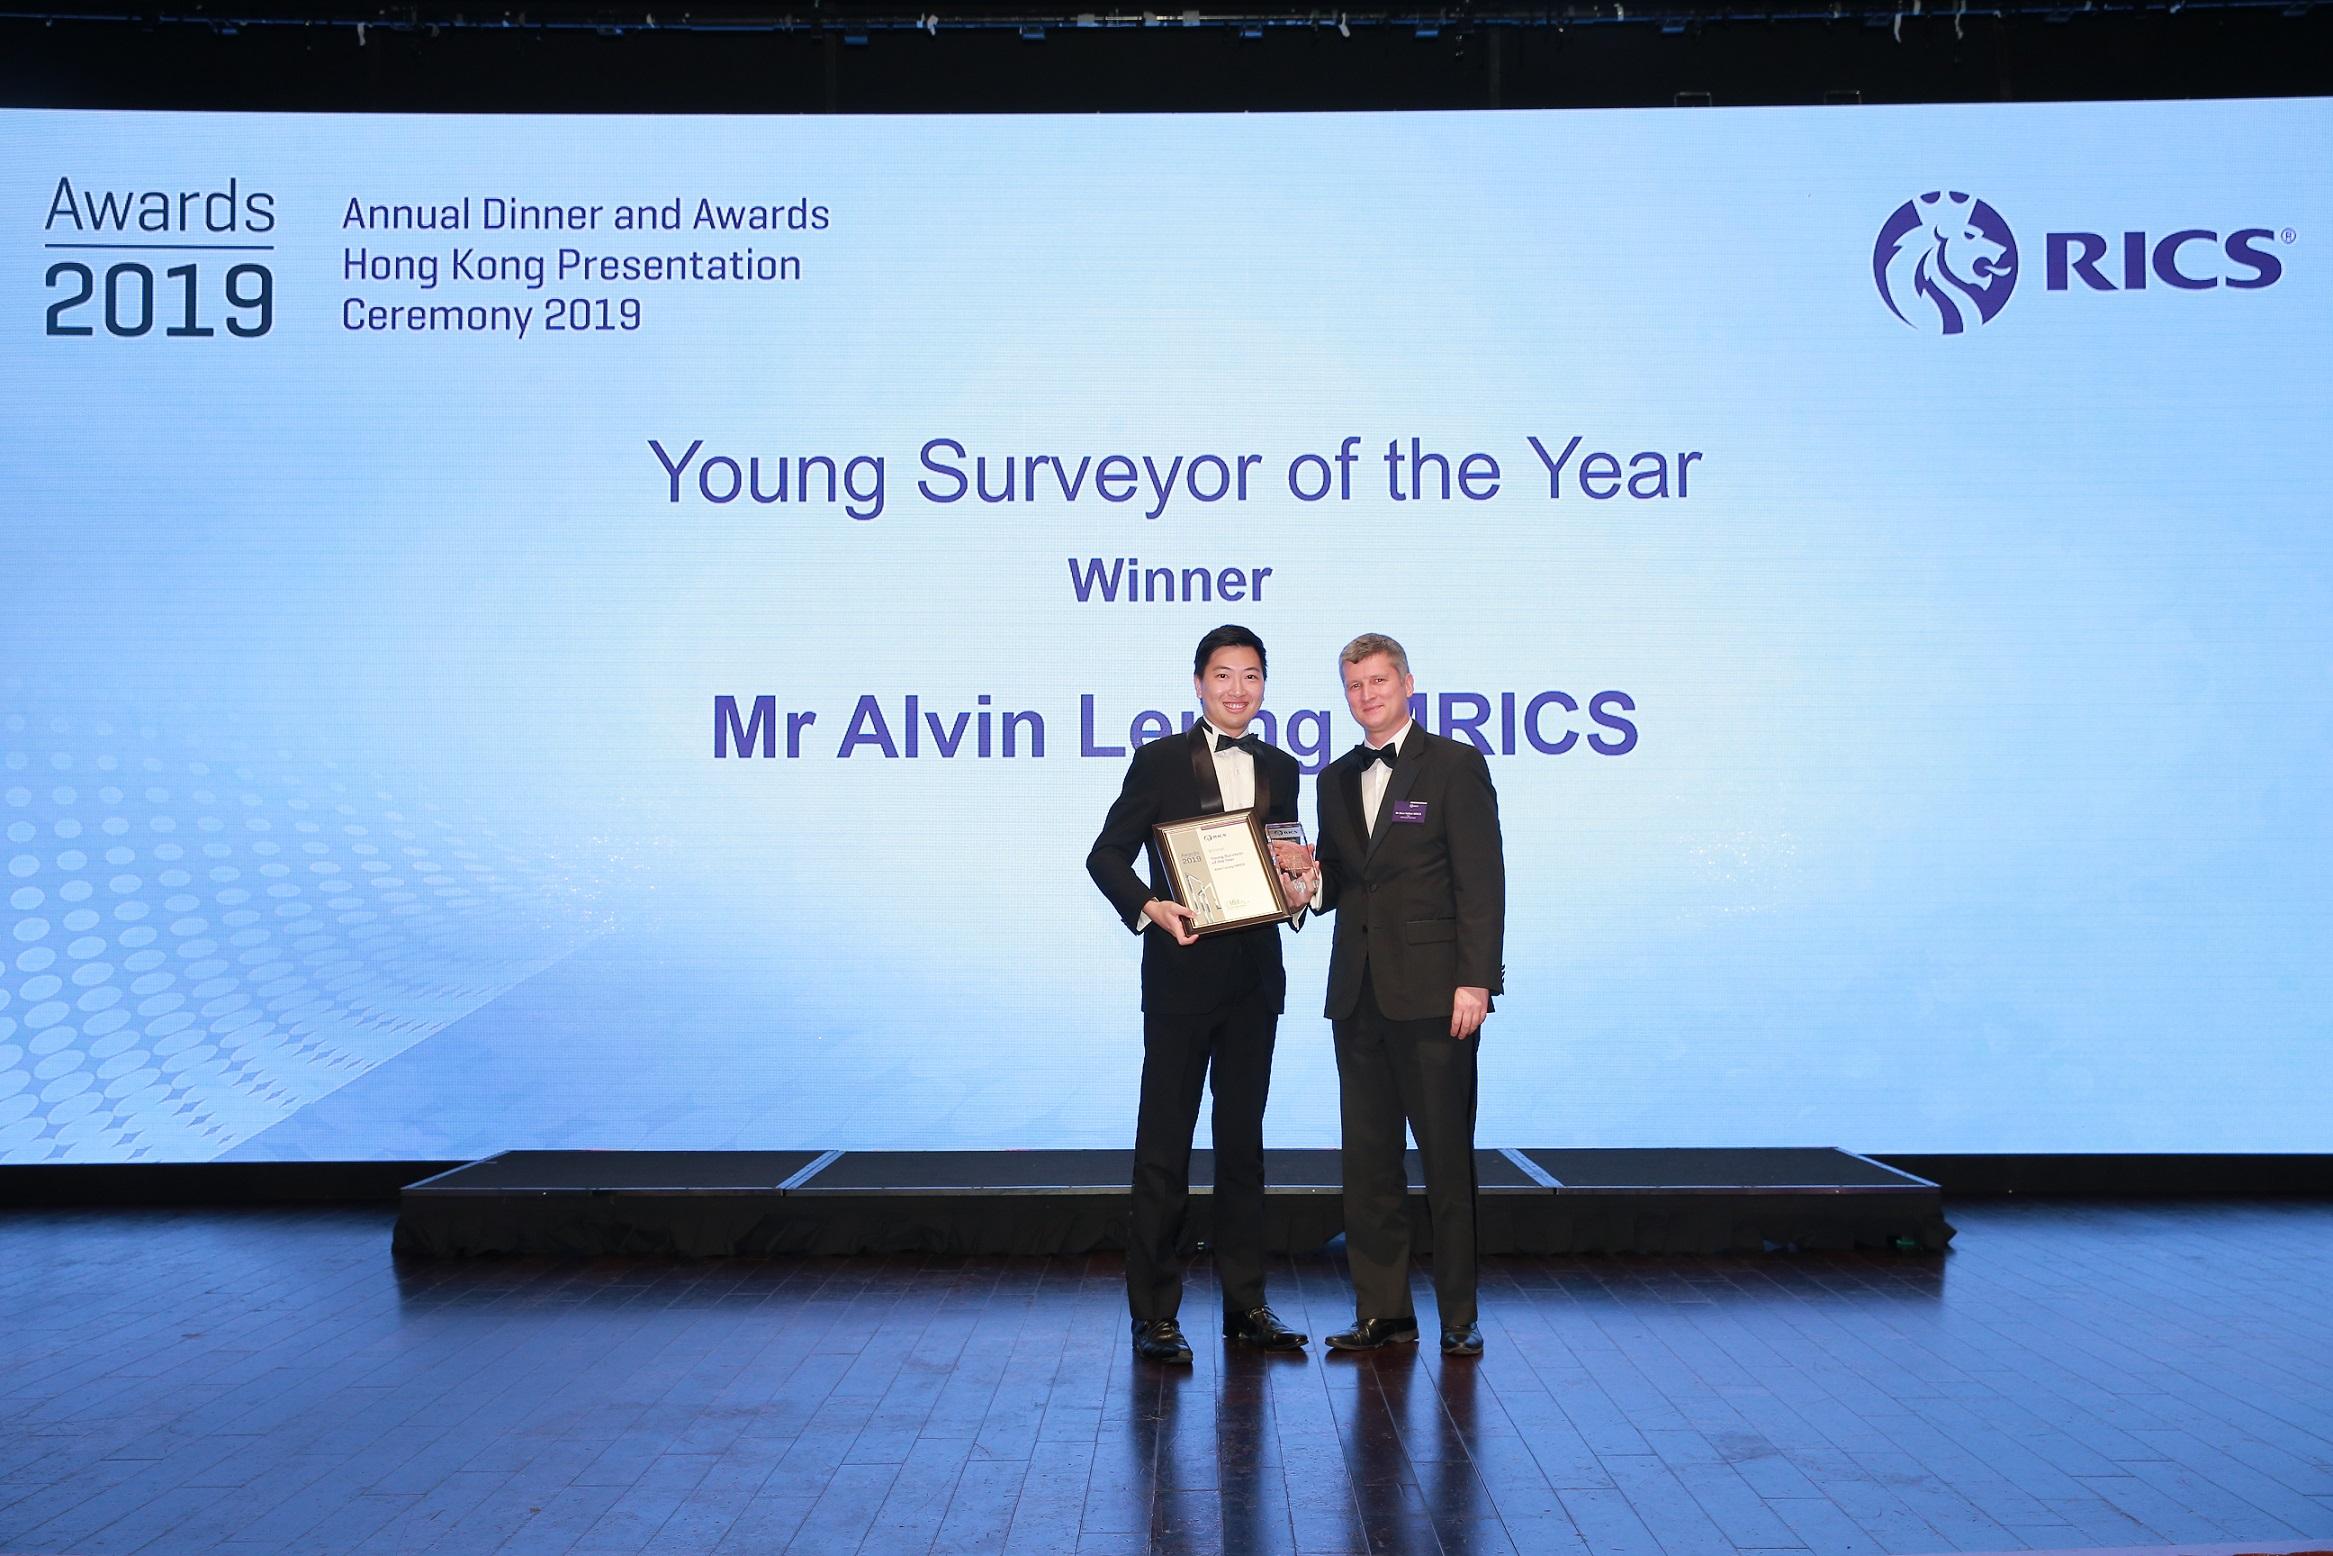 JLL Sweeps Two Honours at Annual RICS Hong Kong Awards 2019